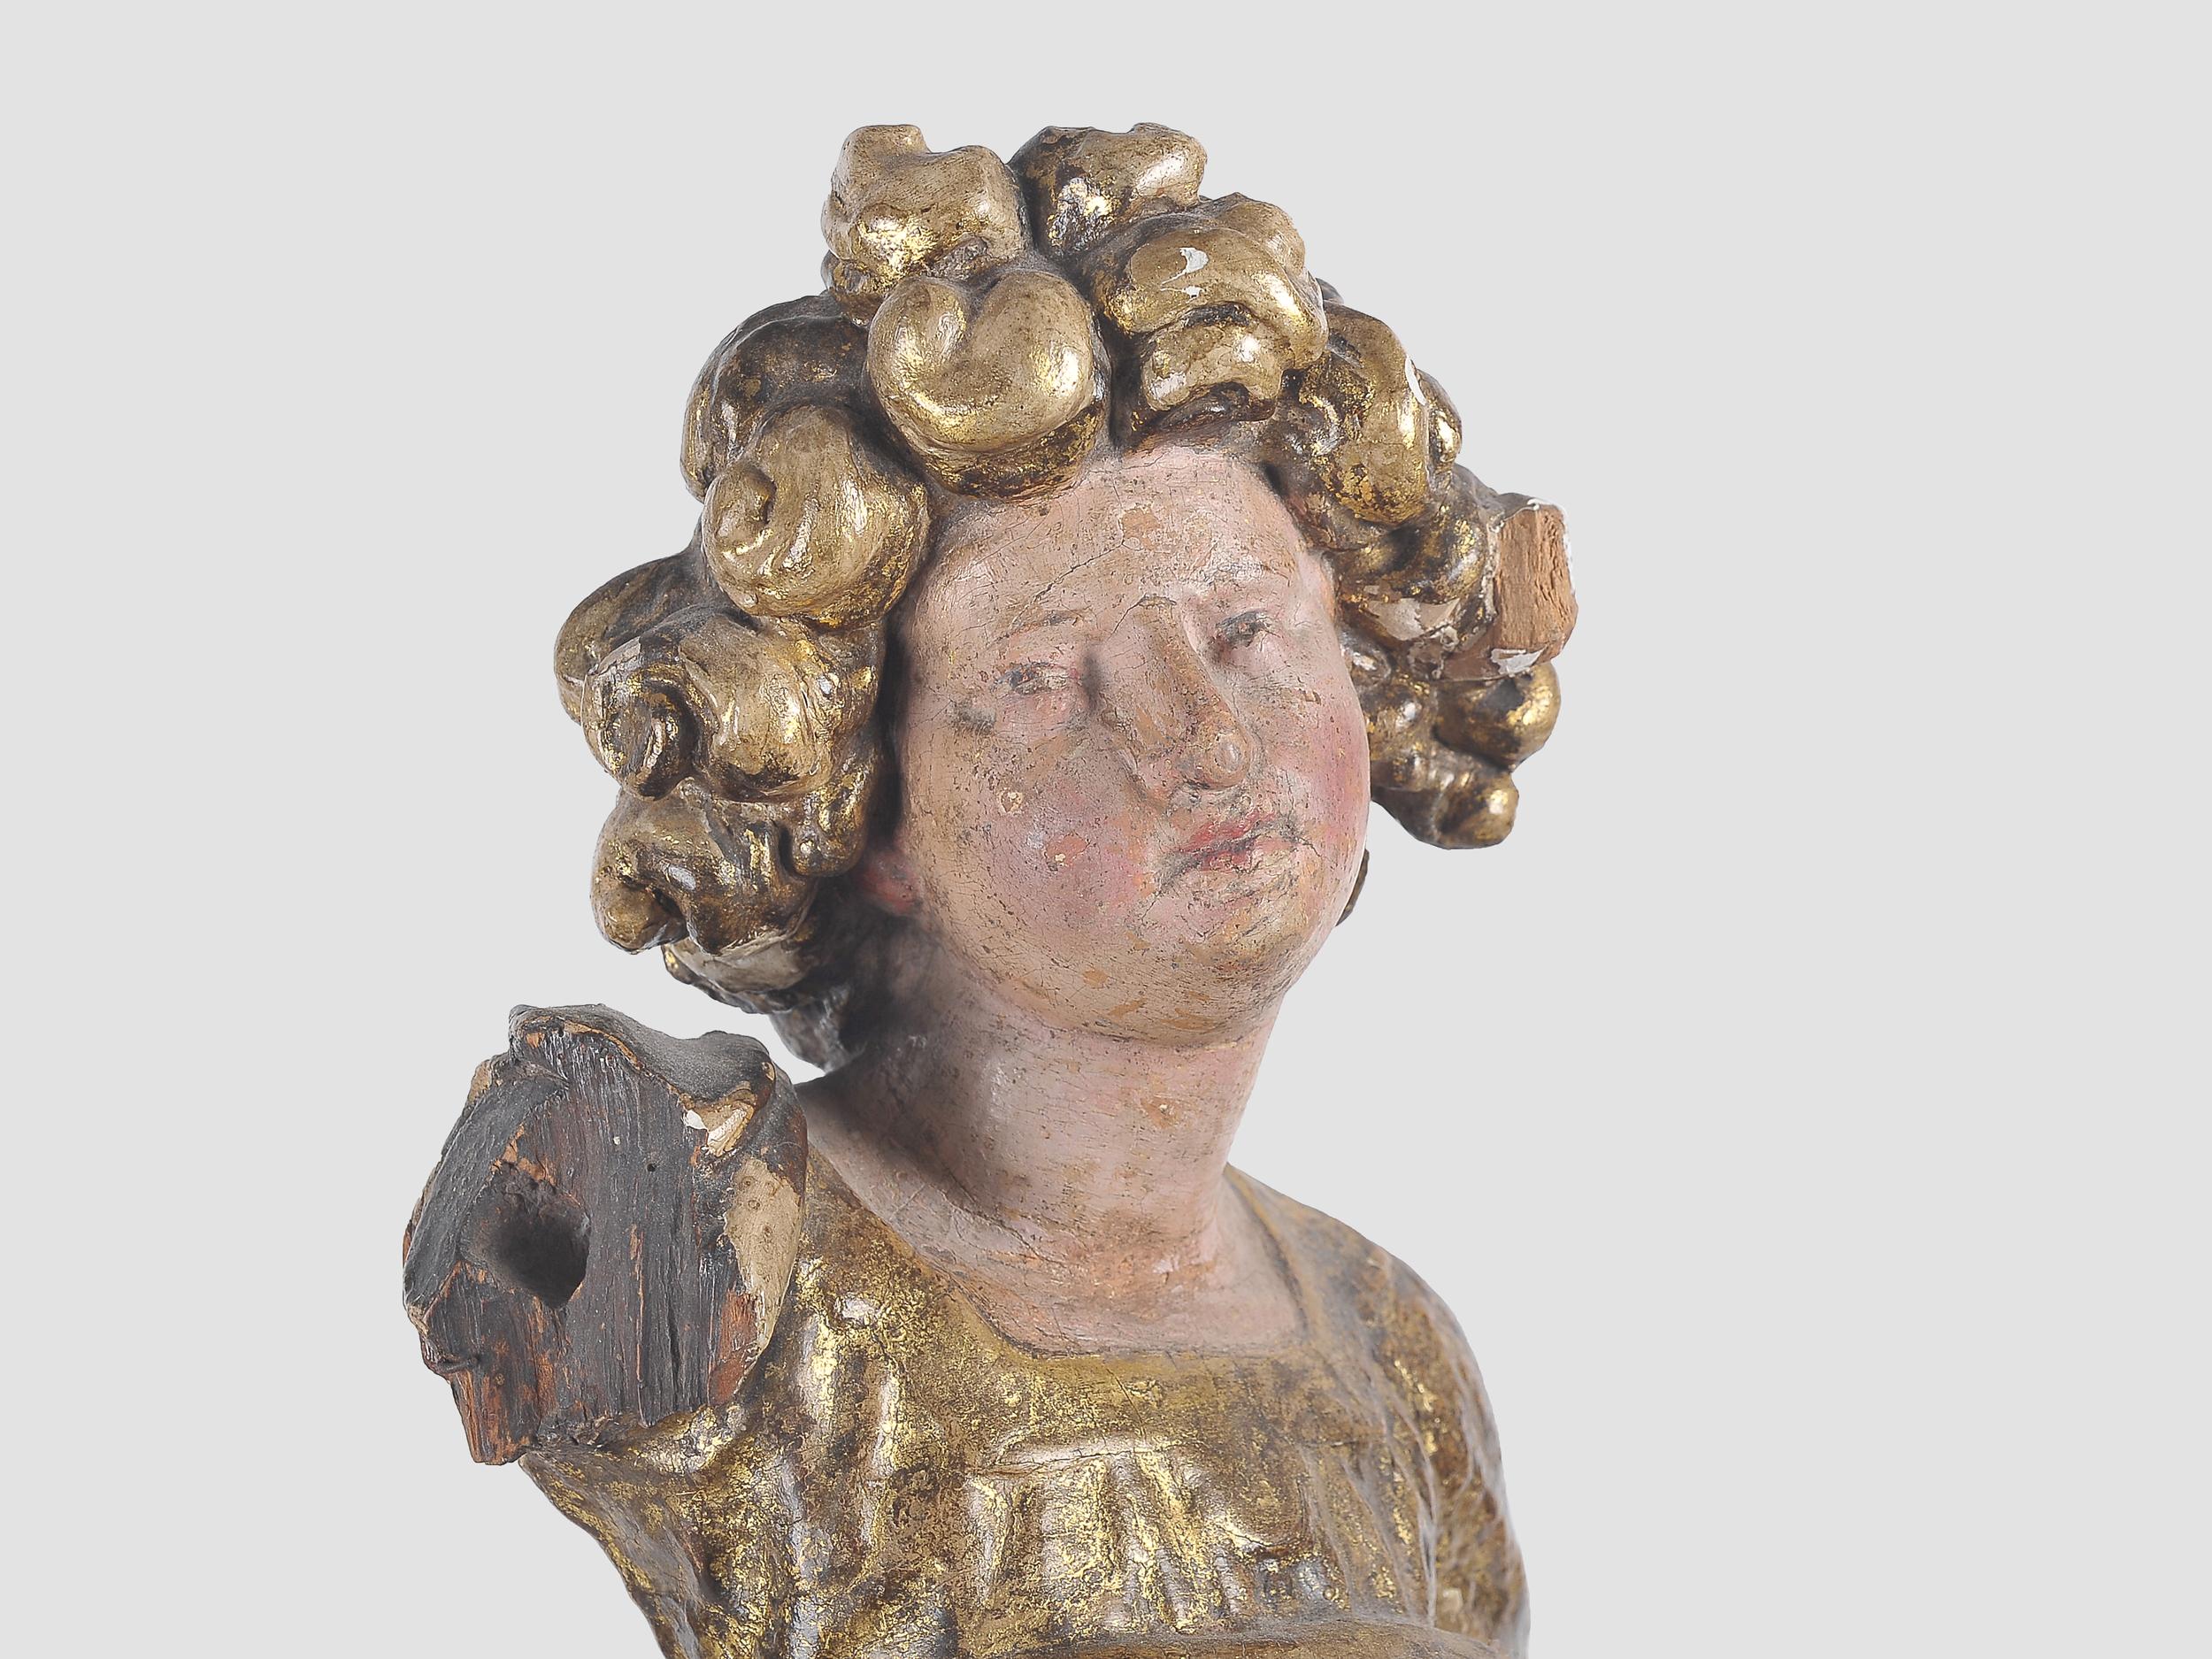 Stehender Engel, Süddeutsch, 17. Jahrhundert - Image 4 of 5